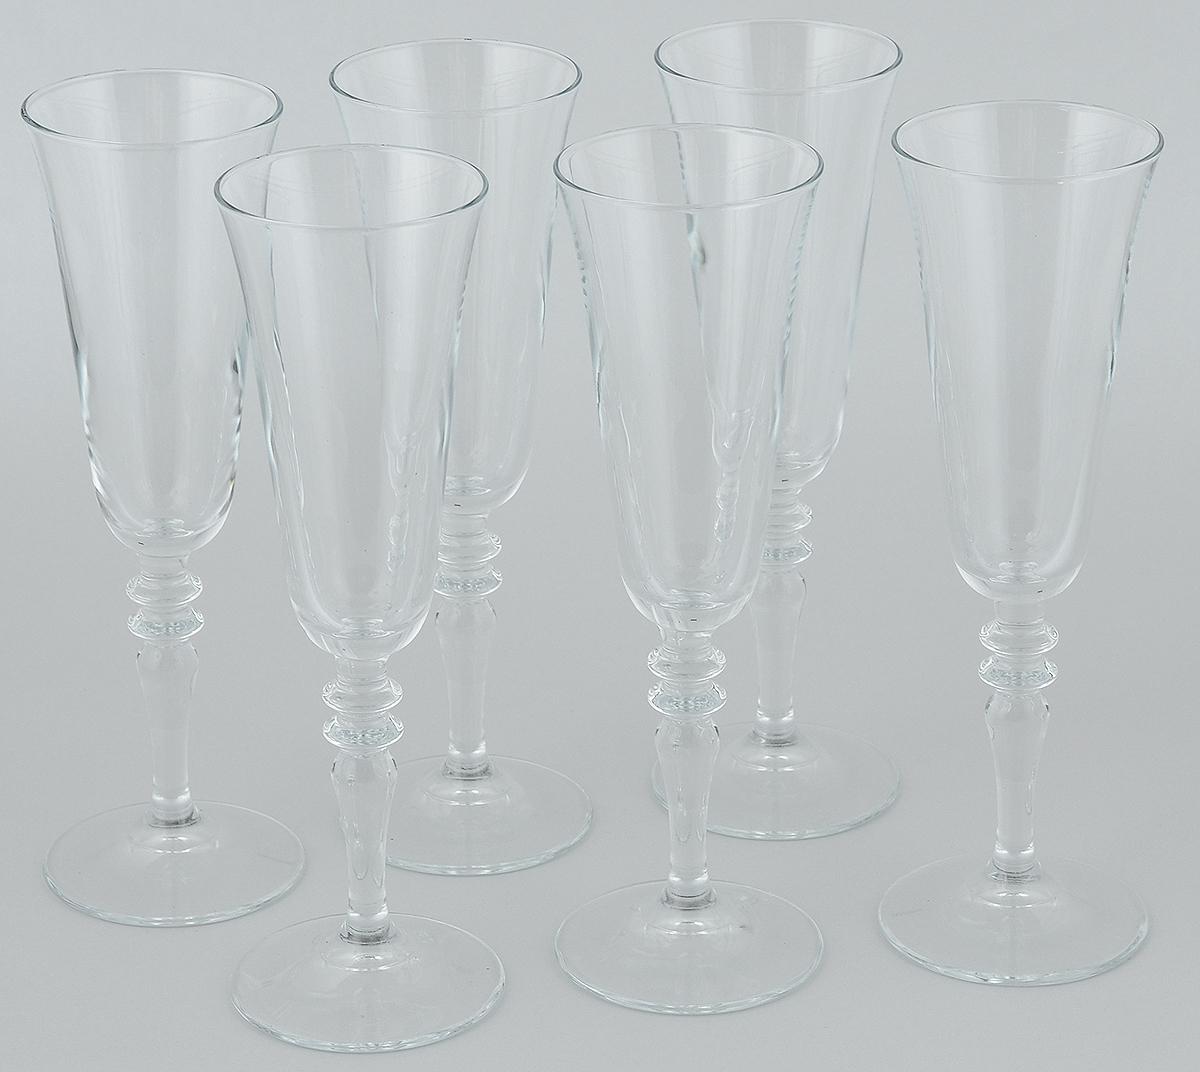 Набор бокалов Pasabahce Vintage, 190 мл, 6 шт440283BНабор Pasabahce Vintage состоит из шести бокалов, выполненных из прочного натрий-кальций-силикатного стекла. Изделия оснащены высокими ножками и предназначены для подачи вина. Они сочетают в себе элегантный дизайн и функциональность. Набор бокалов Pasabahce Vintage прекрасно оформит праздничный стол и создаст приятную атмосферу за романтическим ужином. Такой набор также станет хорошим подарком к любому случаю.Высота бокала: 23 см.Диаметр бокала: 7 см.